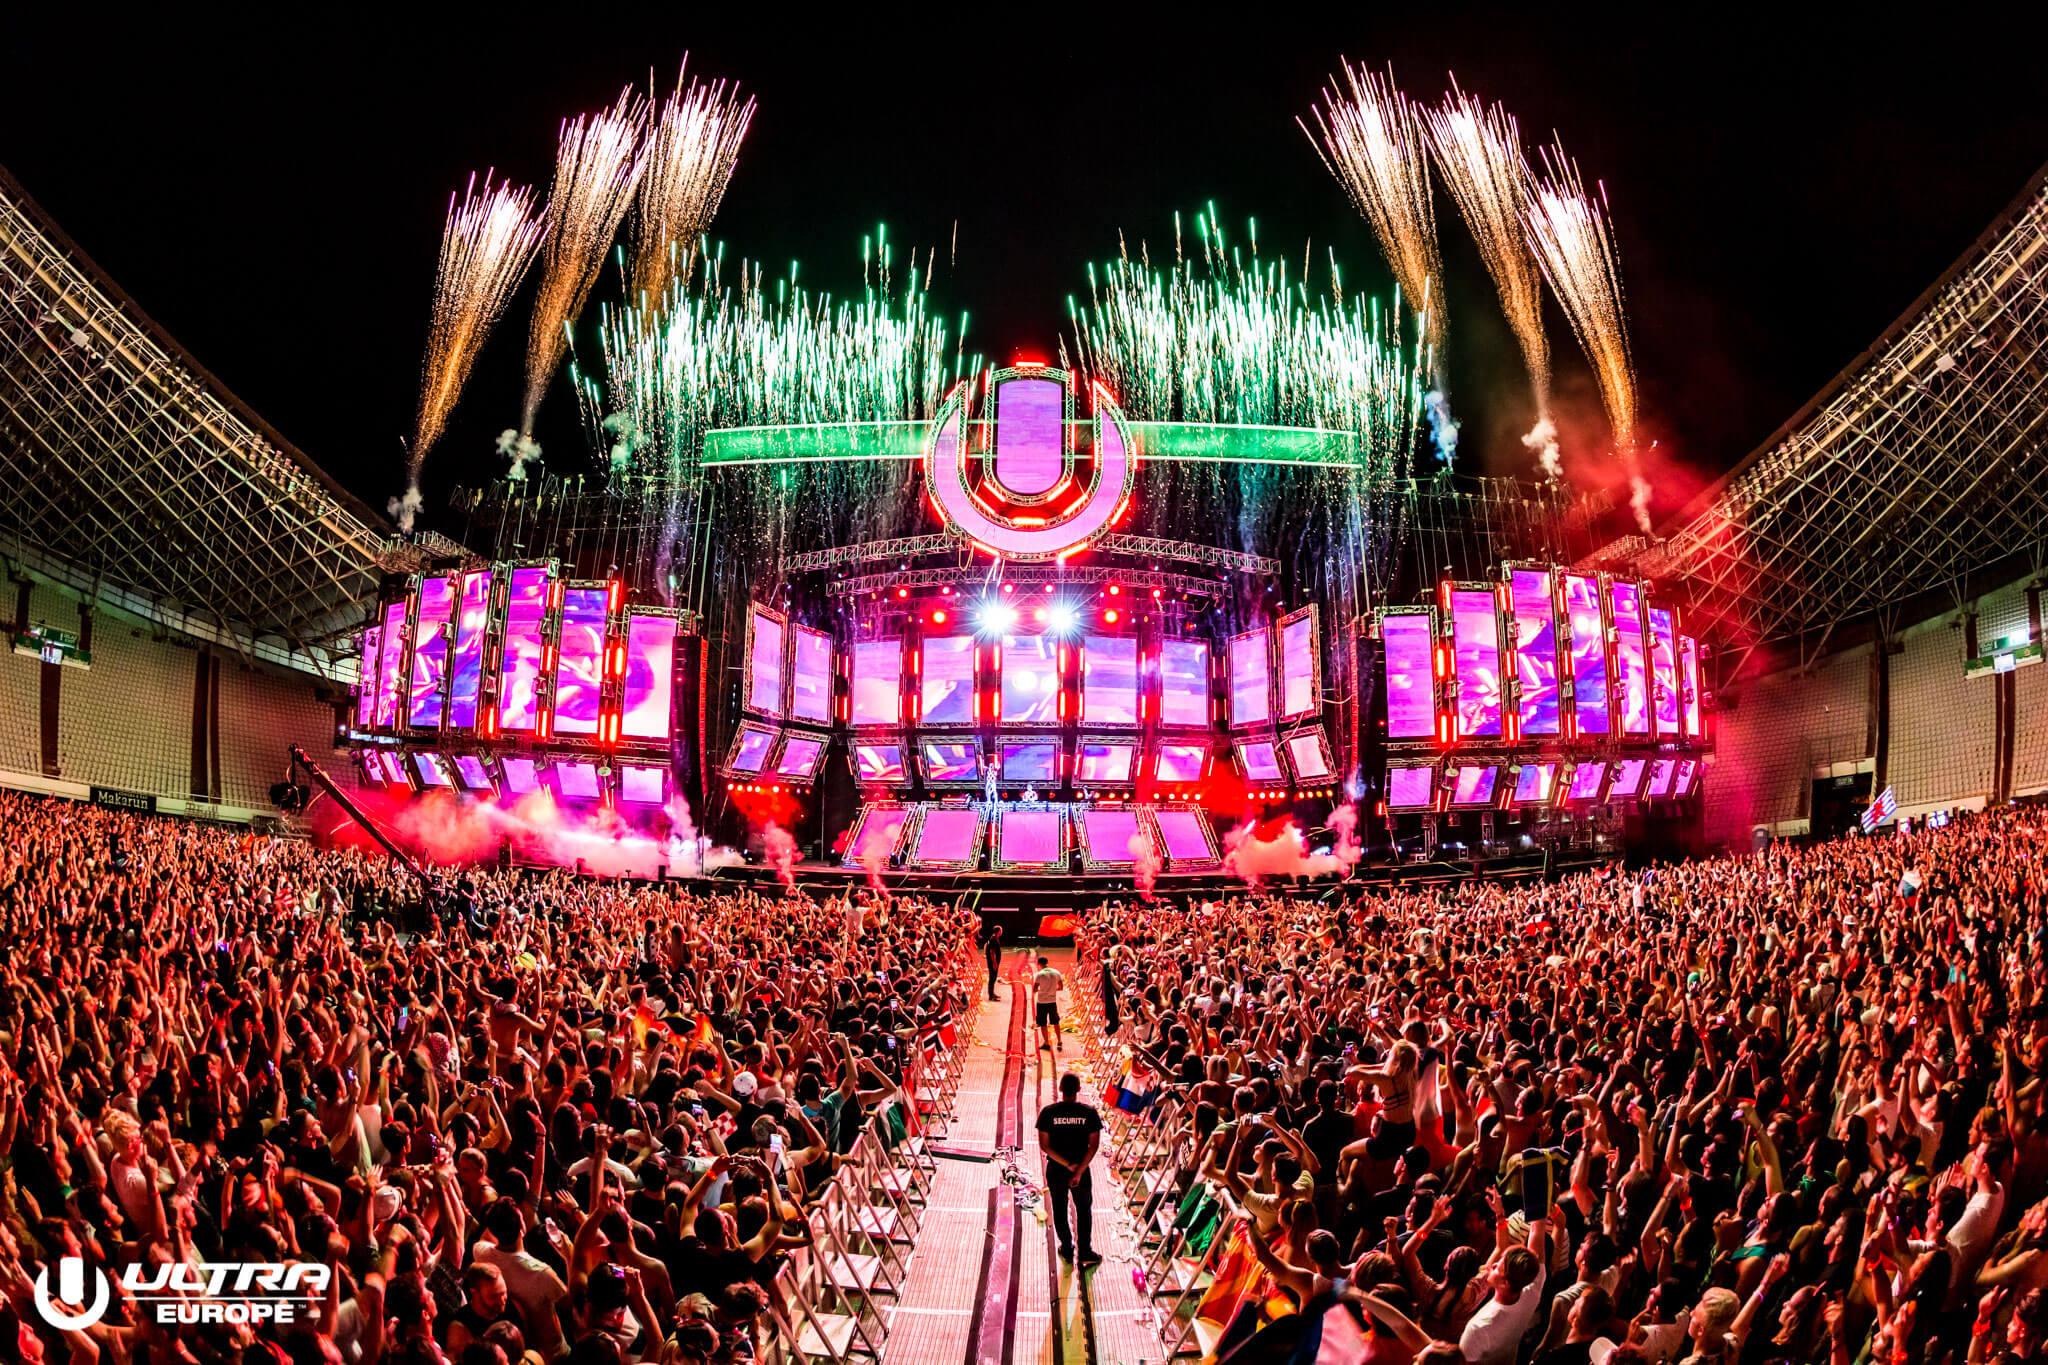 Ultra festival 2020